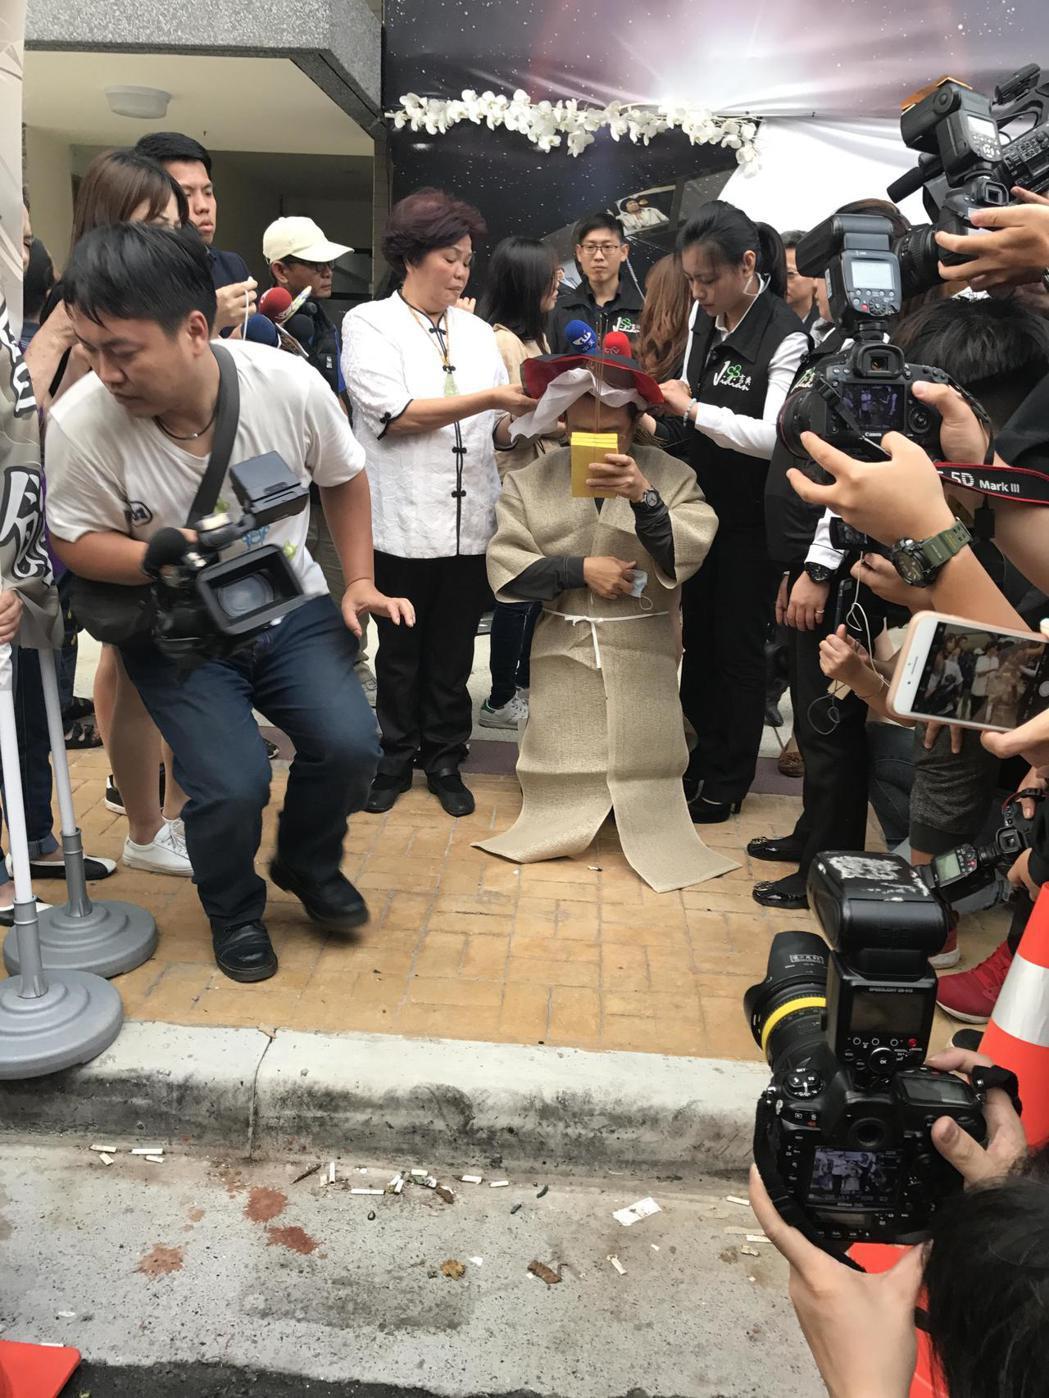 謝順福在5:30突然走到馬路邊穿上孝服跪地膜拜,引起媒體騷動。記者葉君遠攝影 葉...